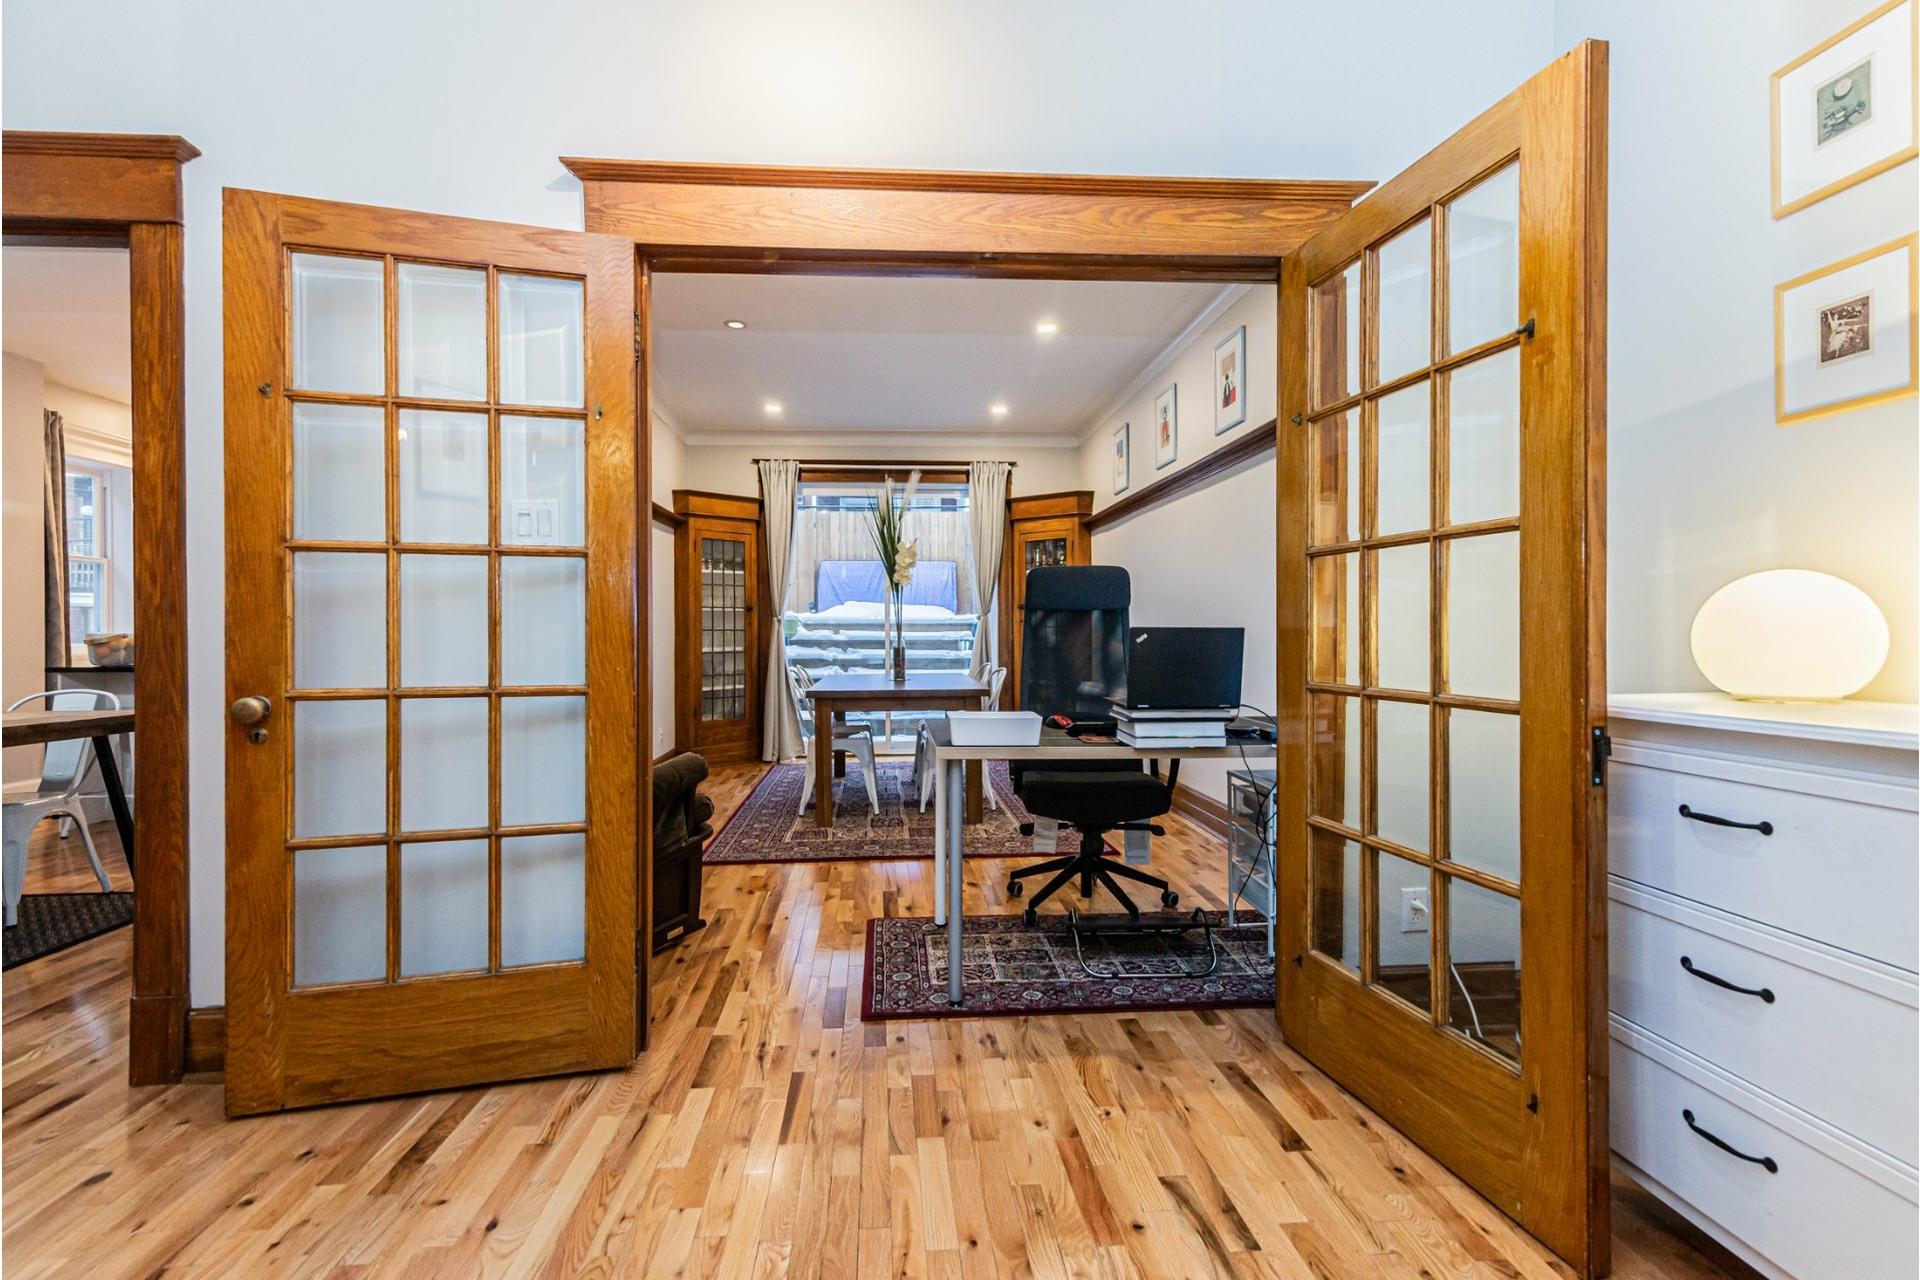 image 9 - Apartment For sale Côte-des-Neiges/Notre-Dame-de-Grâce Montréal  - 9 rooms